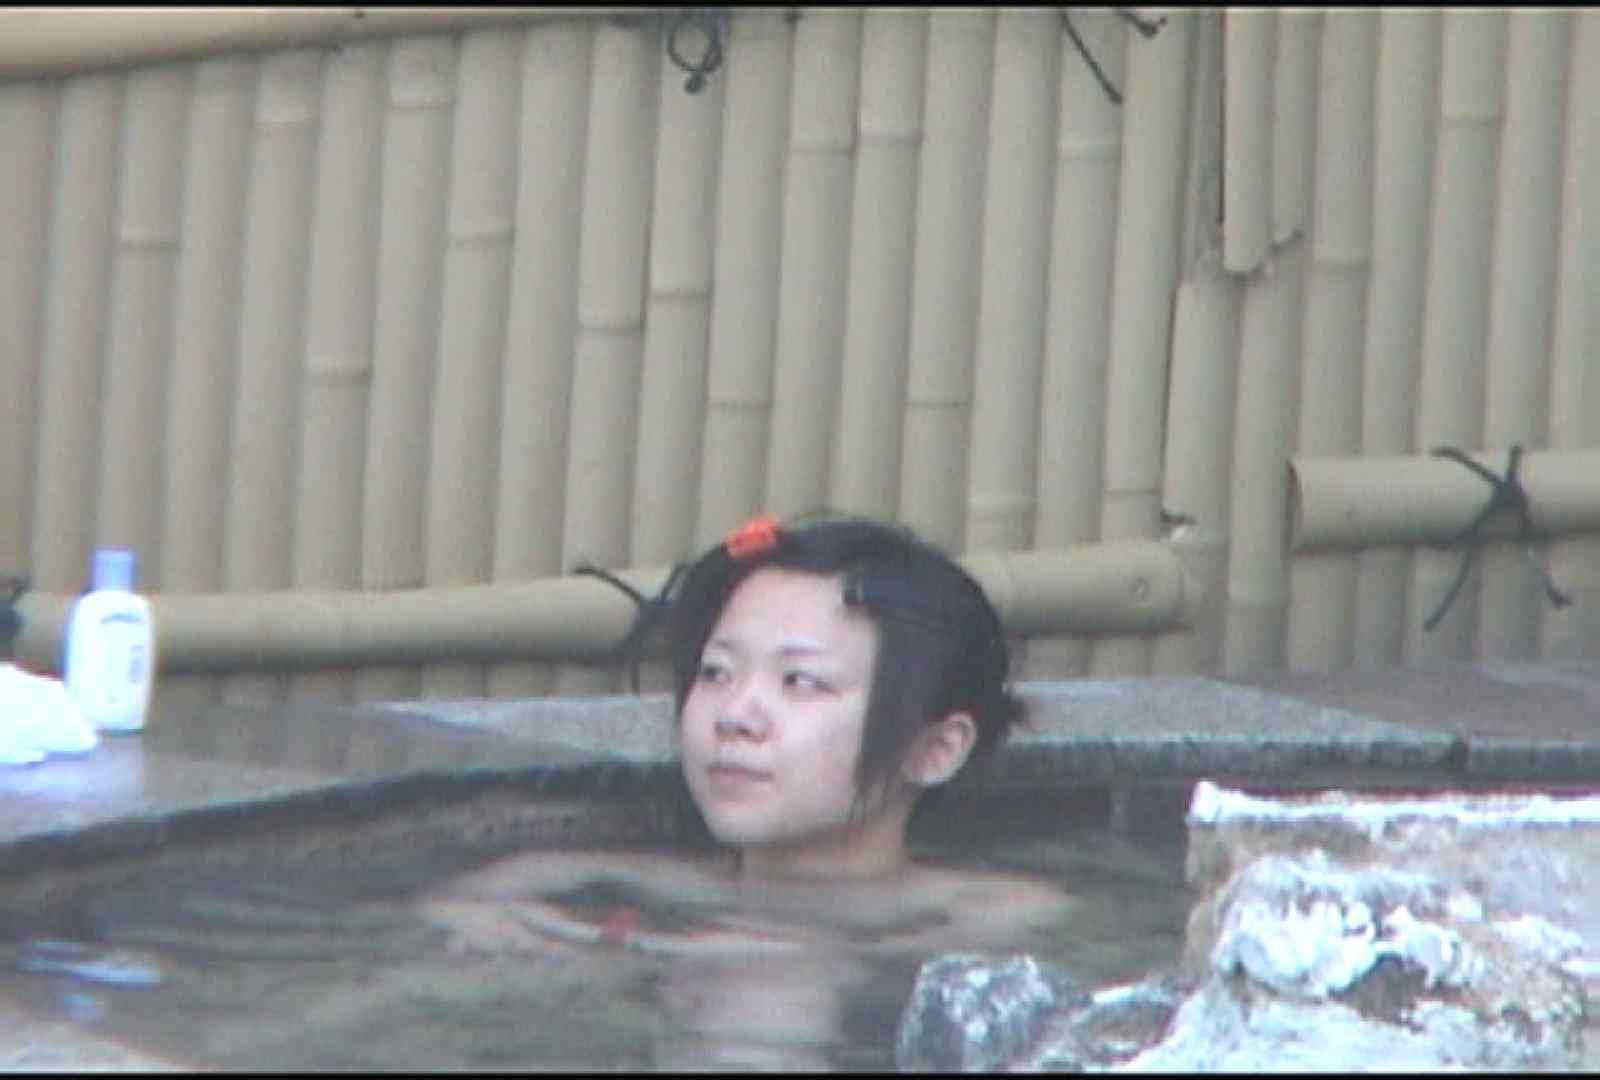 Aquaな露天風呂Vol.175 OLのエロ生活  71連発 3